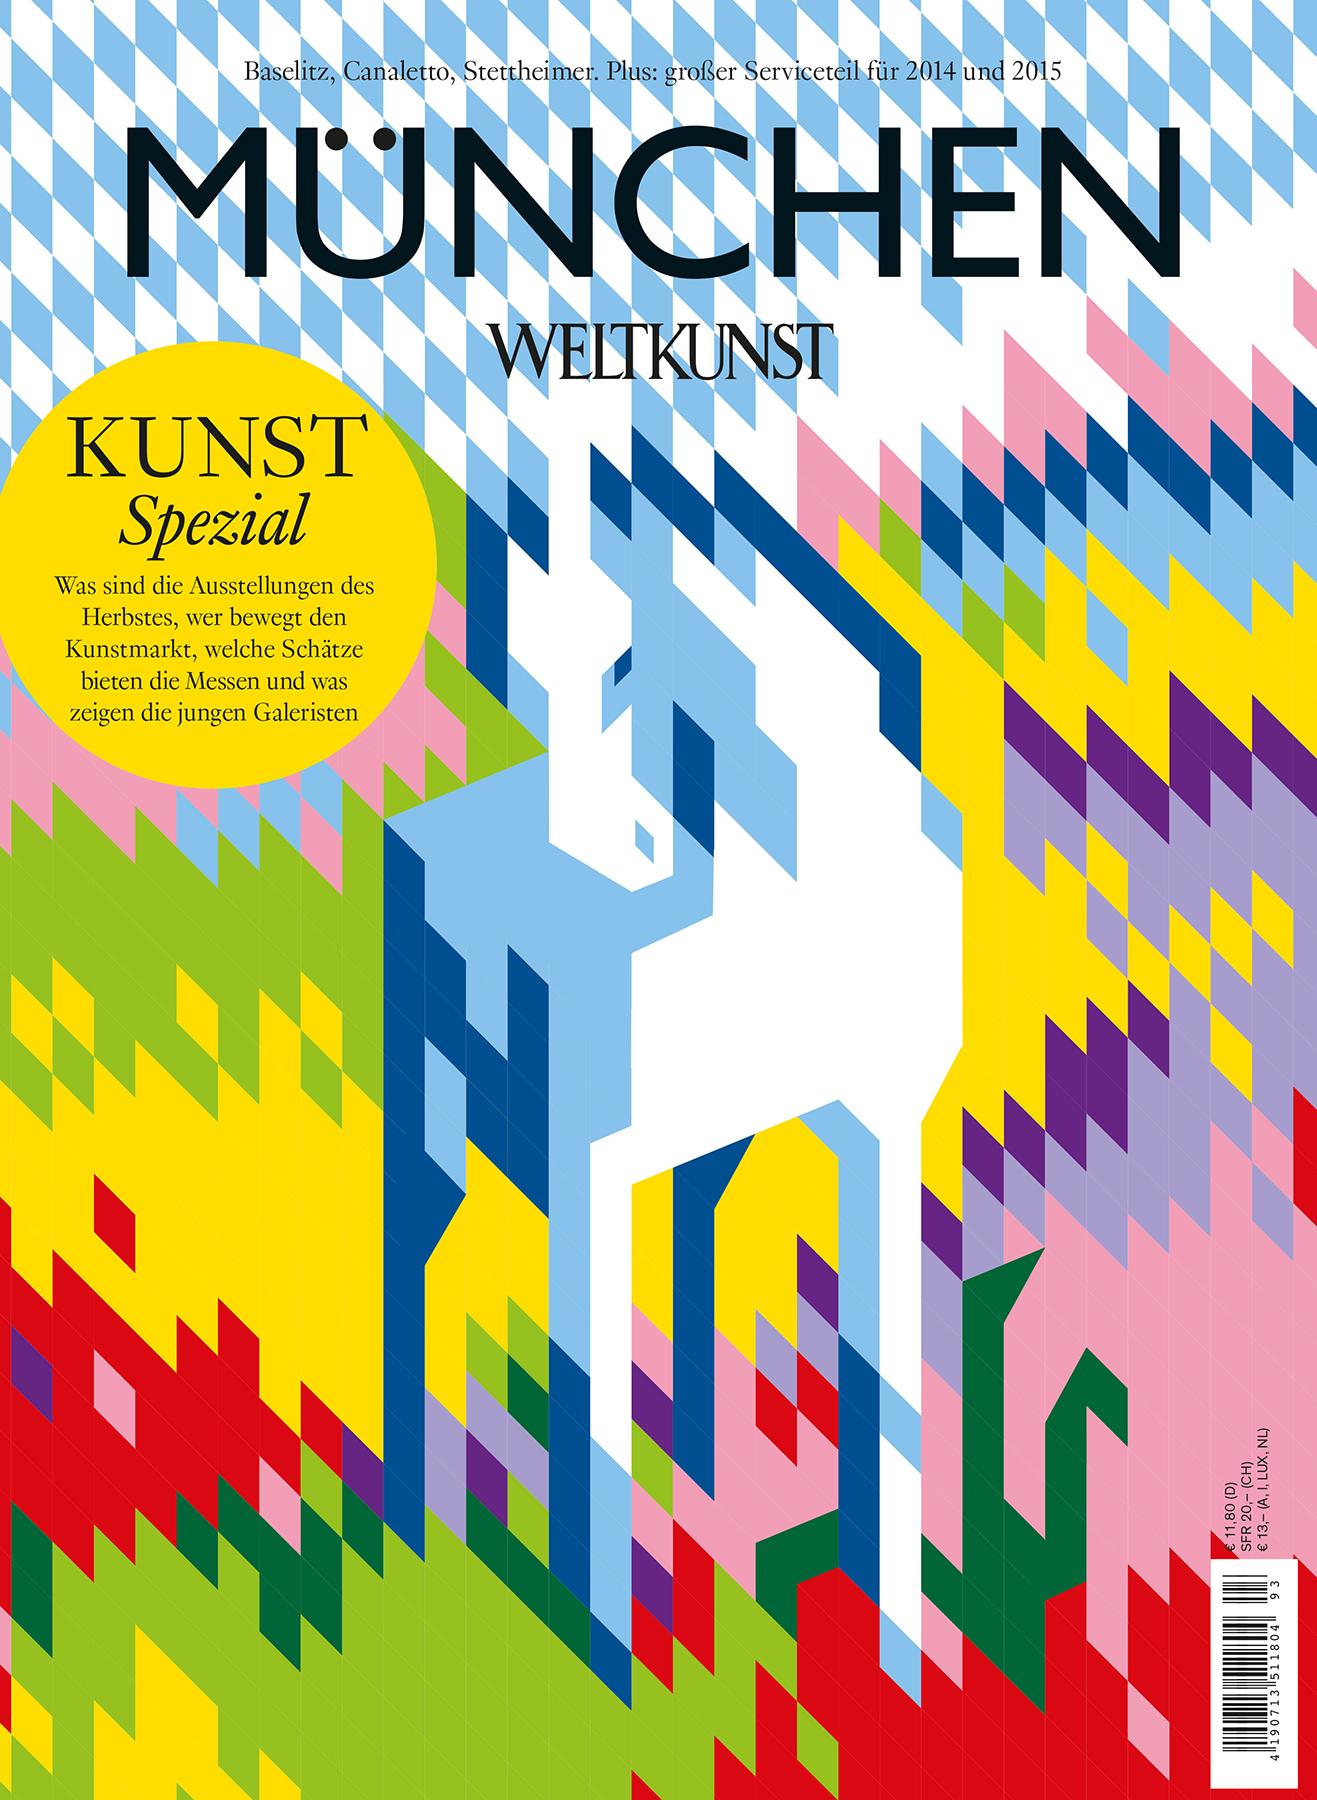 Christoph Niemann, Blaues Pferd nach Franz Marc, Weltkunst-Cover 2014